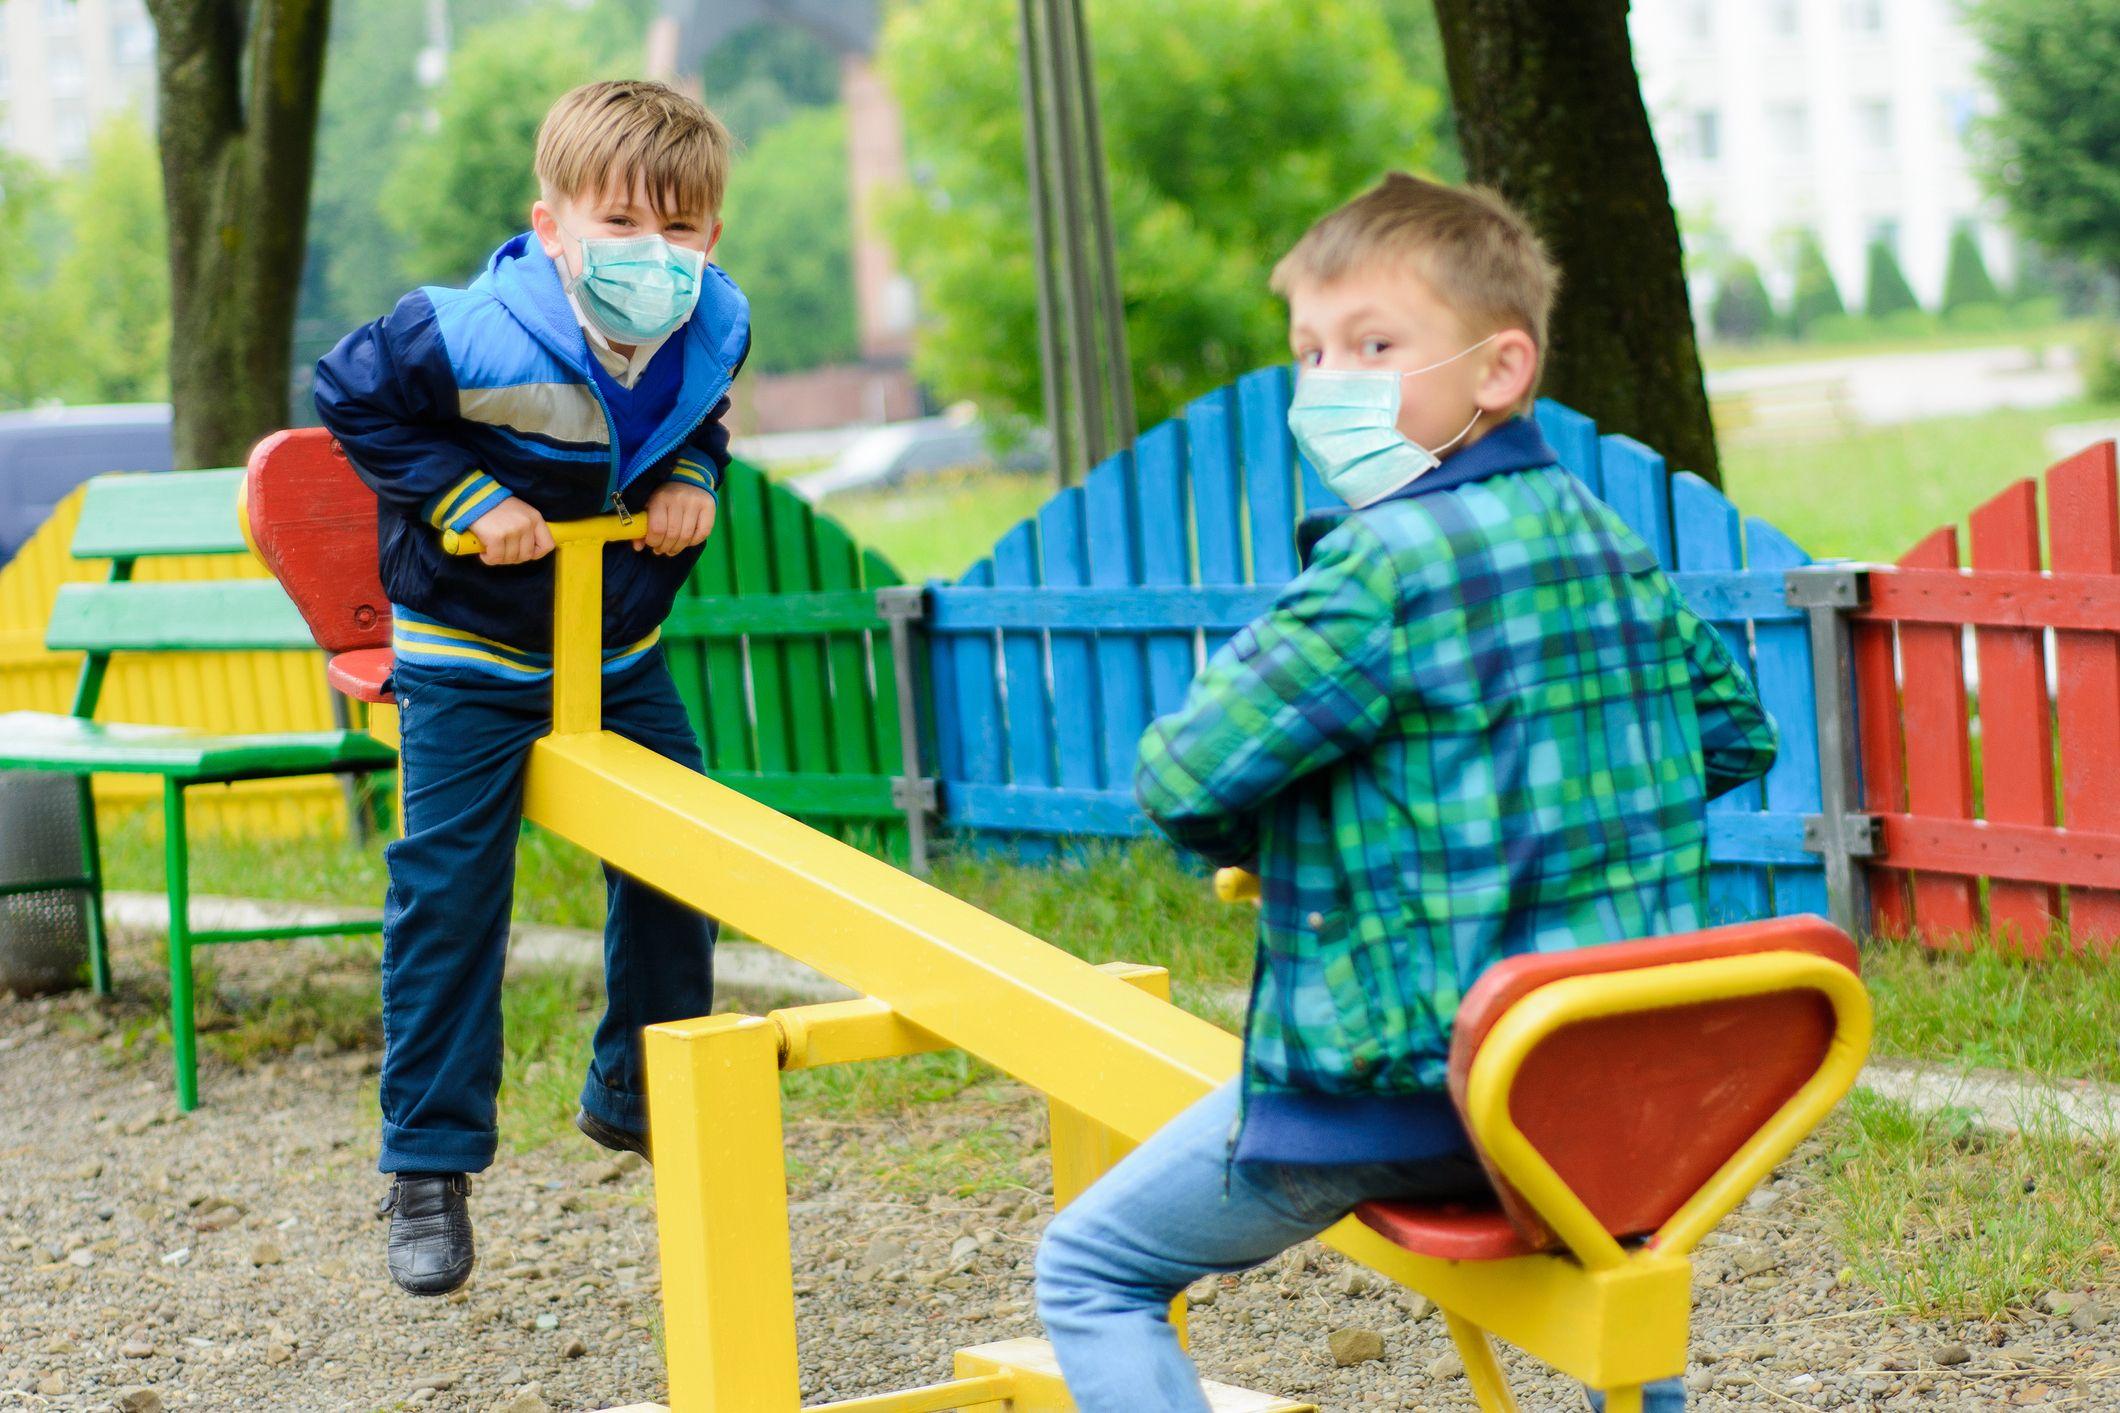 La Influencia De La Covid 19 En Los Juegos Infantiles Y Los Deportes